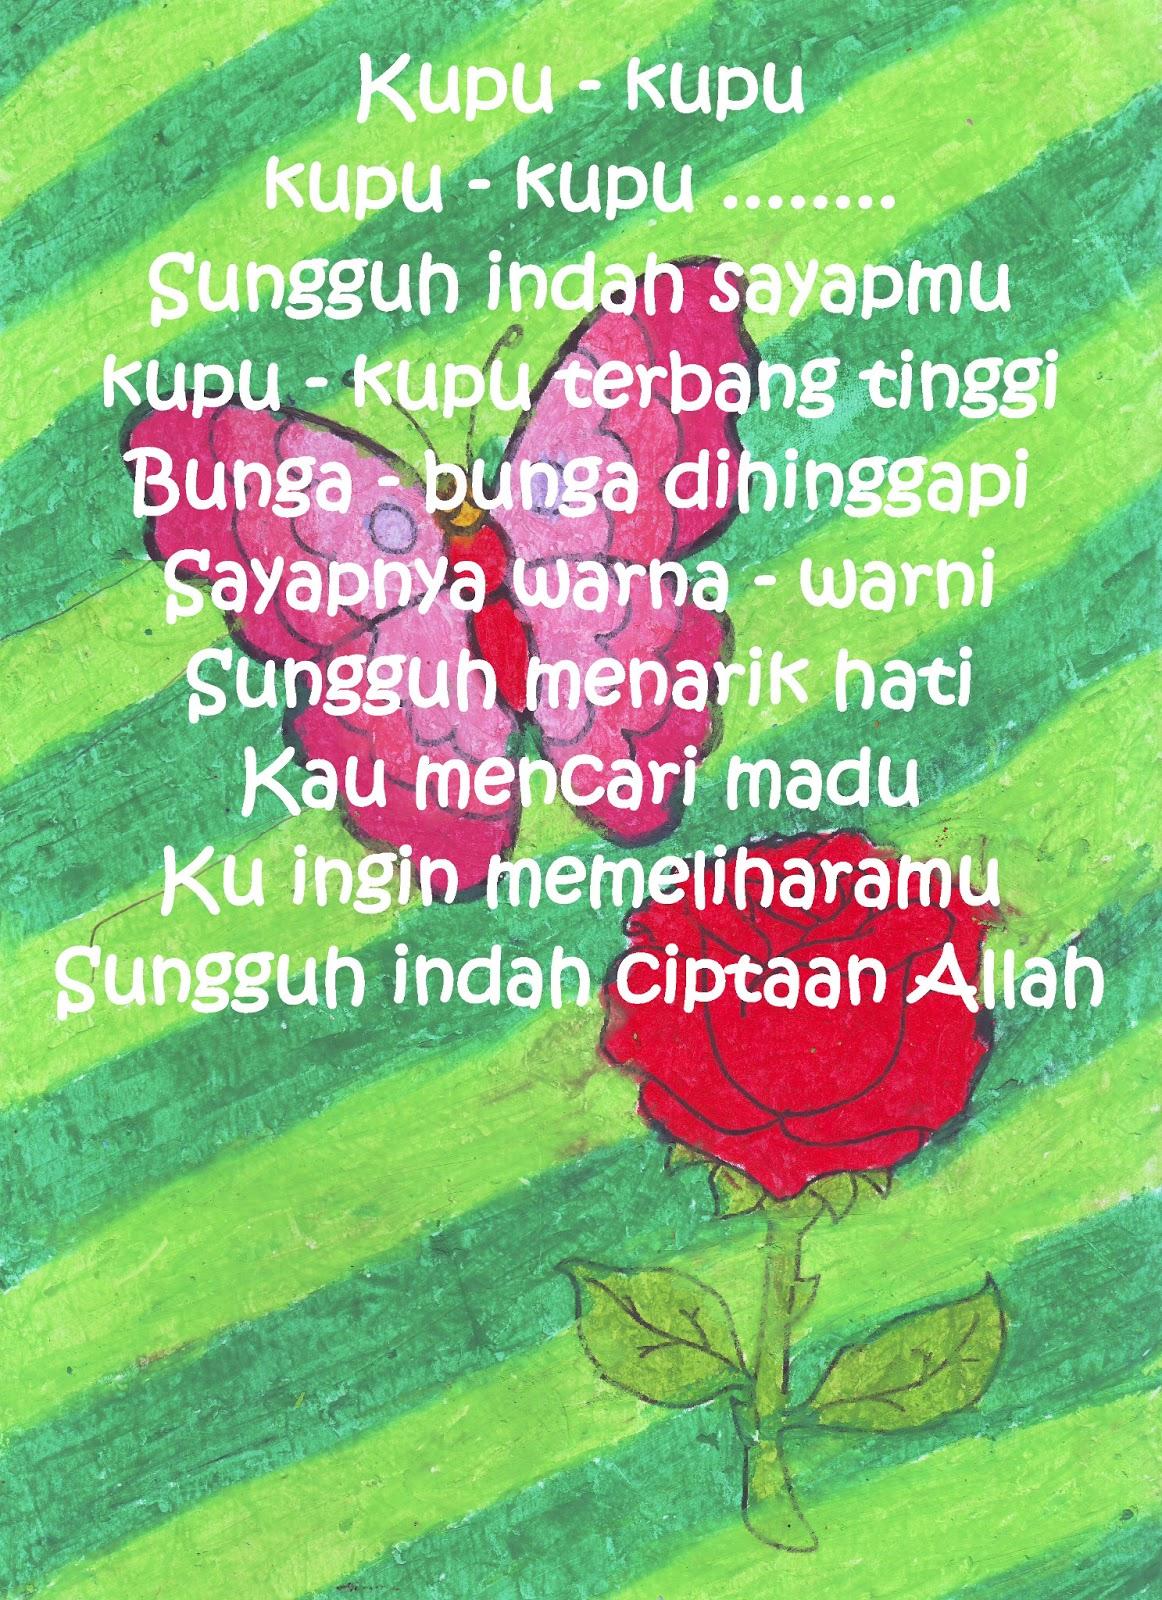 Contoh Syair Hewan | Cikimm.com